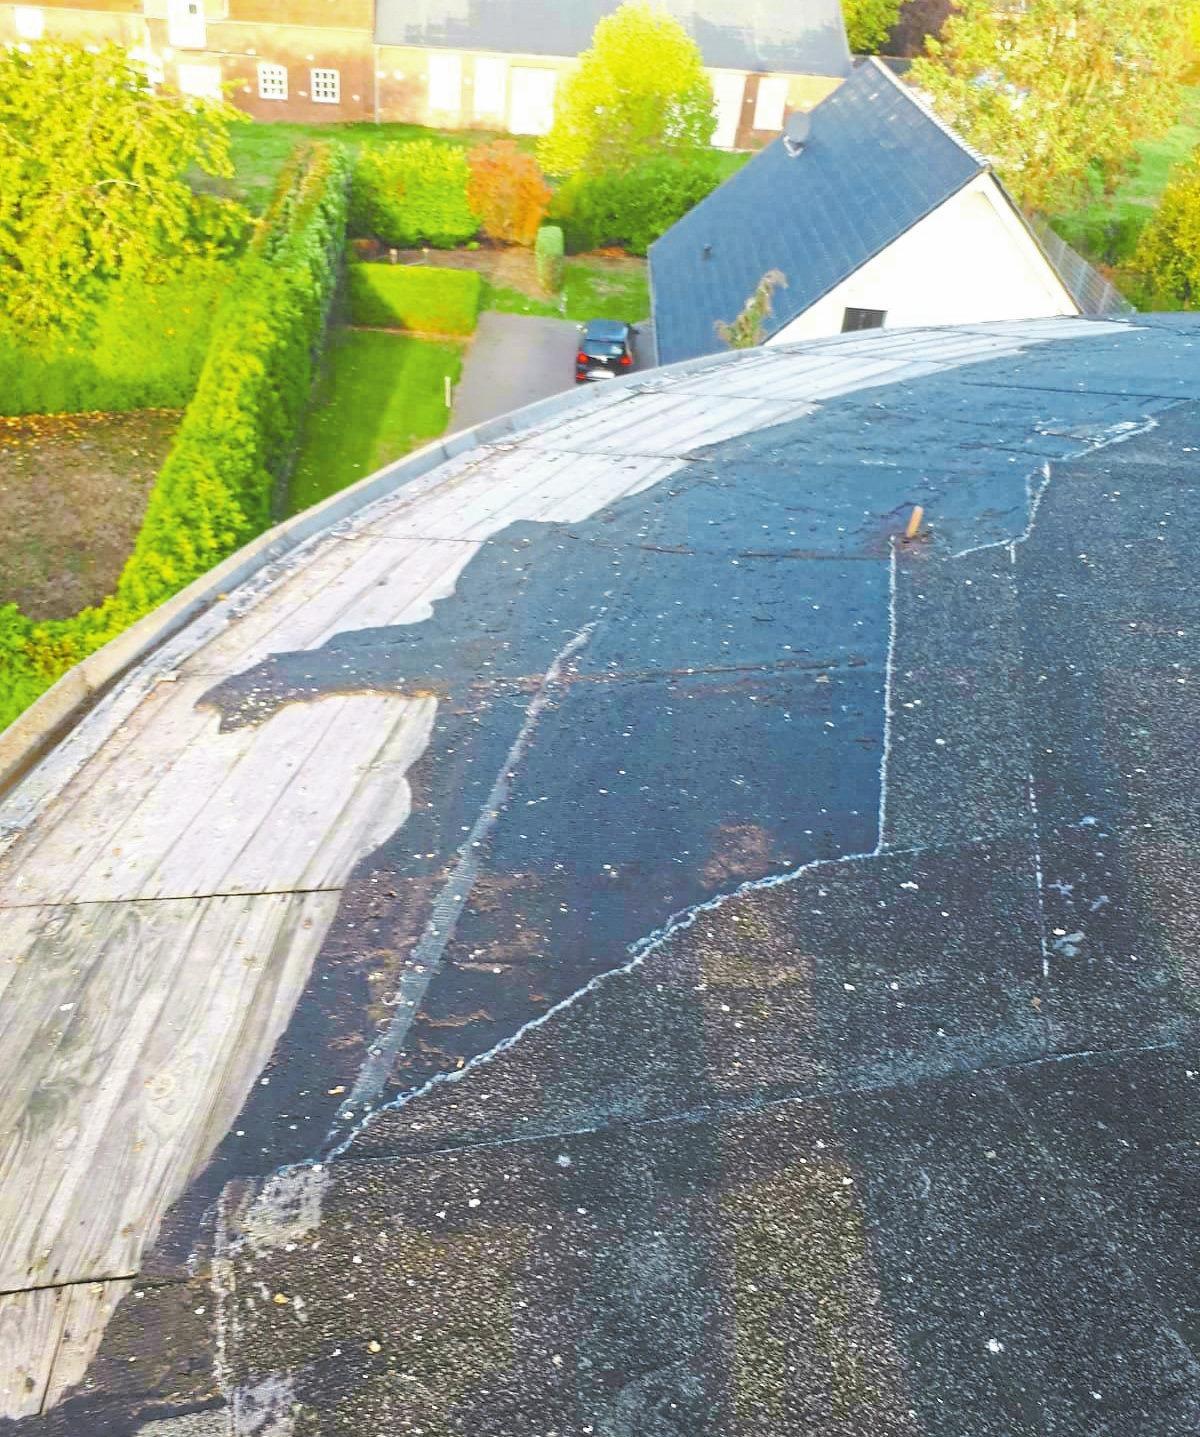 So sieht es aus, wenn sich die alte Dachpappe verabschiedet. Zu lange darf die Holzkonstruktion nicht freiliegen, sonst fault sie.